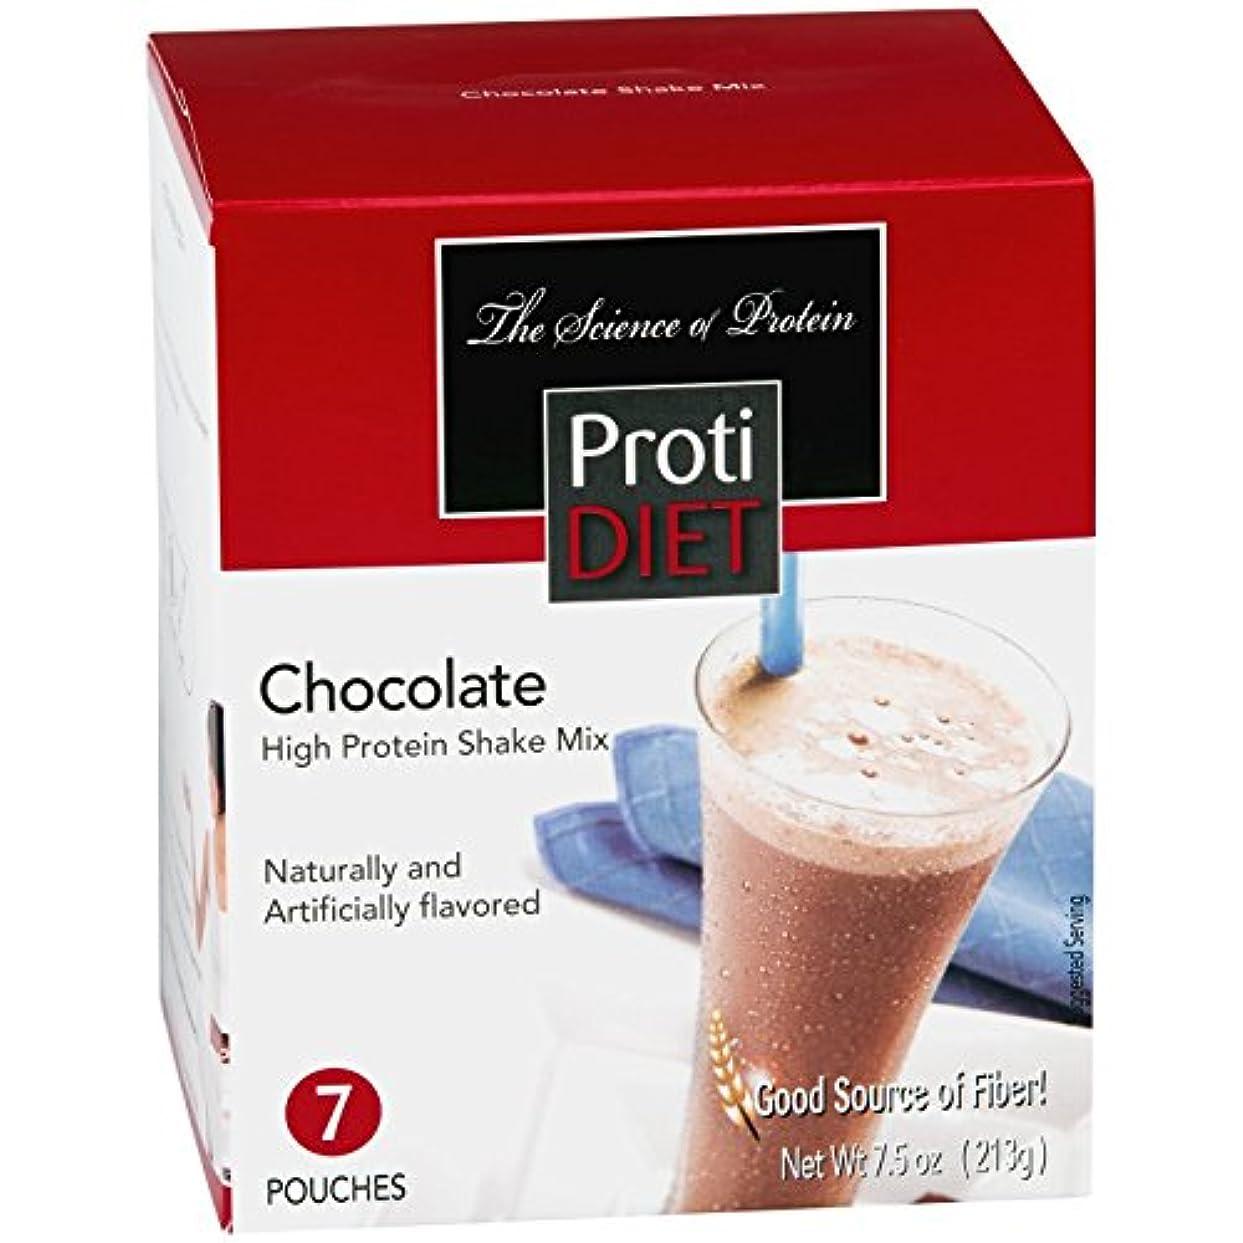 同行移住する解釈するProti Diet Chocolate Shake (7 pouches per box) Net Wt 7.5oz (213g) by Protidiet